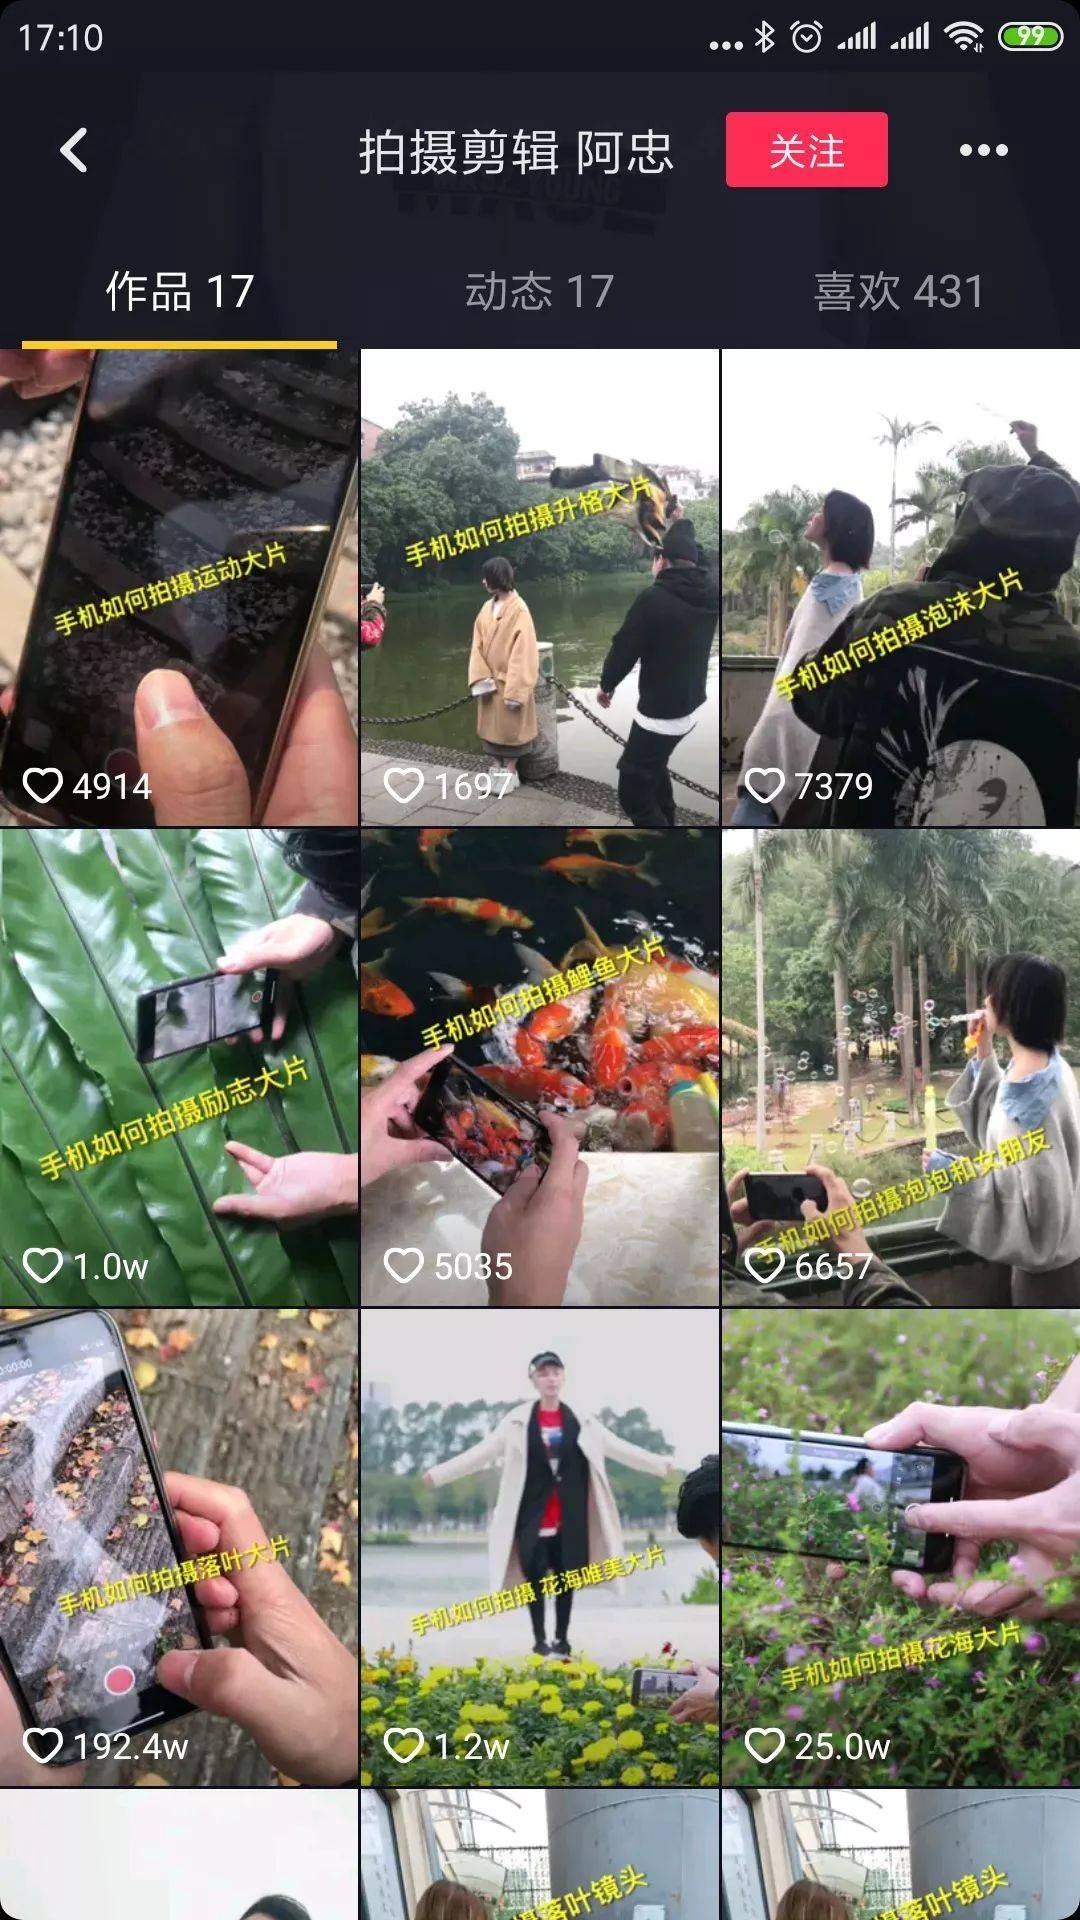 鸟哥笔记,新媒体运营,派派,抖音,标题,短视频,总结